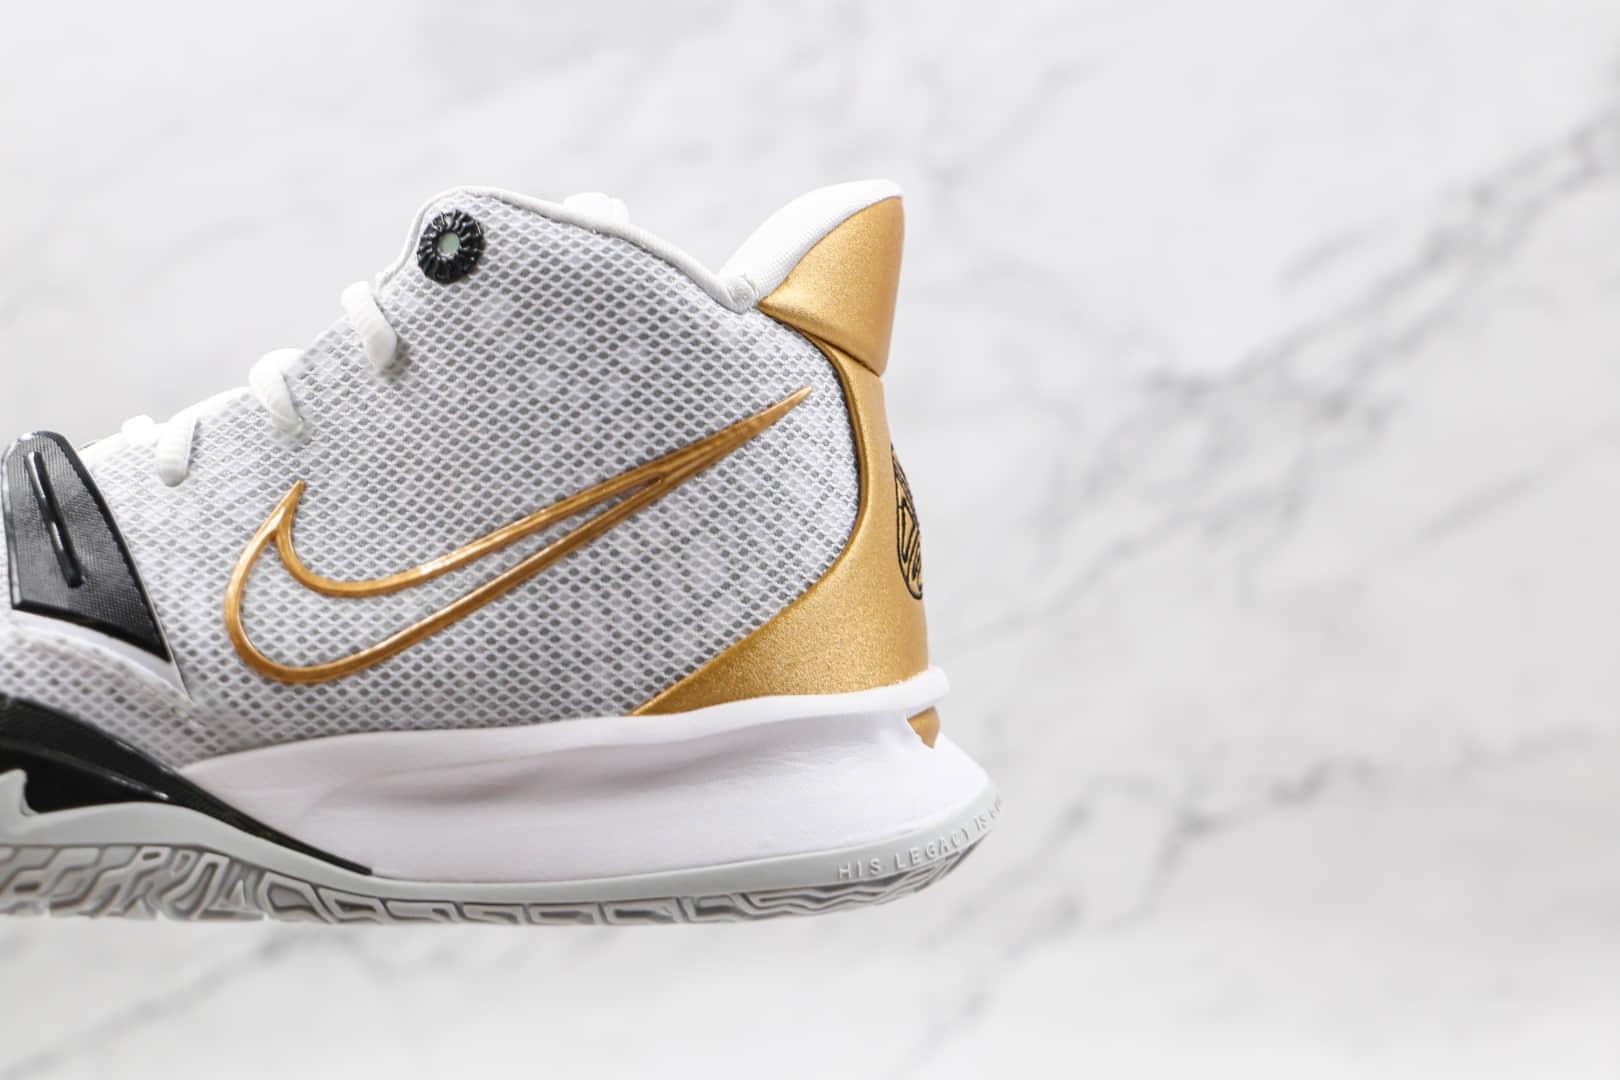 耐克Nike Kyrie 7 Ep纯原版本欧文7代白黑金色篮球鞋内置气垫支持实战 货号:CQ9327-101